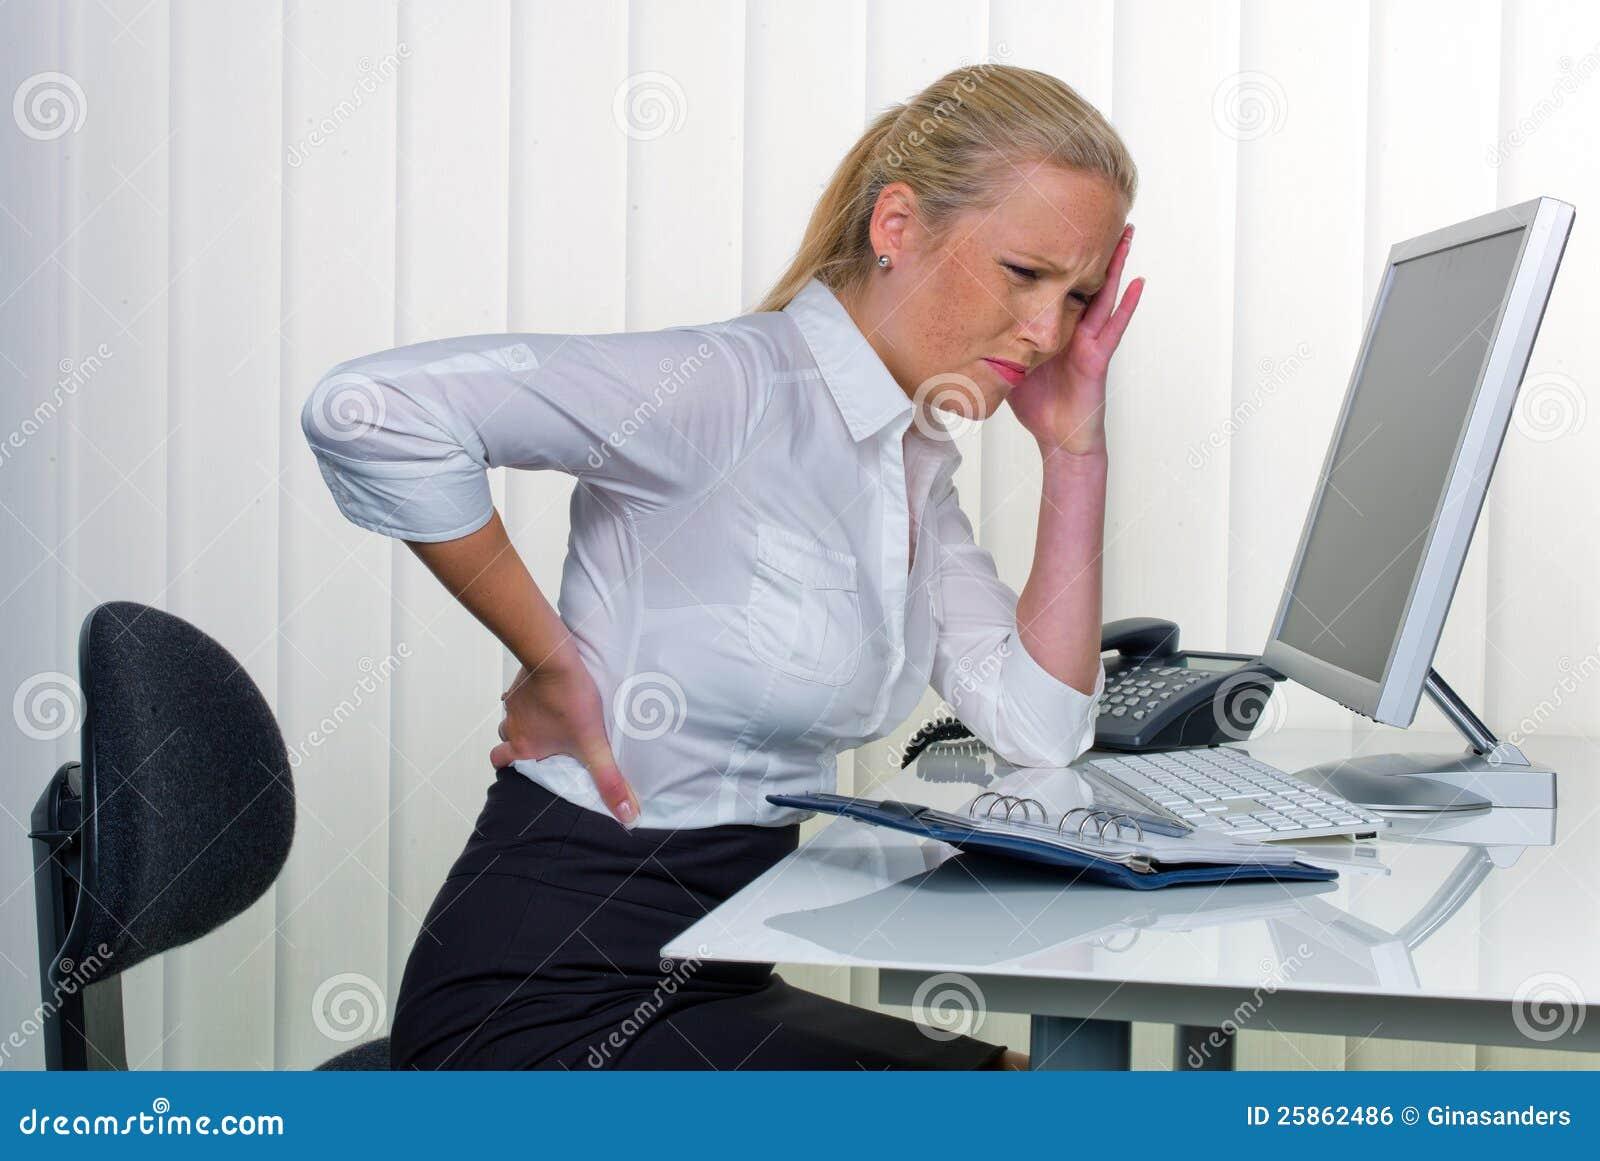 Mujeres en la oficina con dolor de espalda imagen de for Xxx porno en la oficina